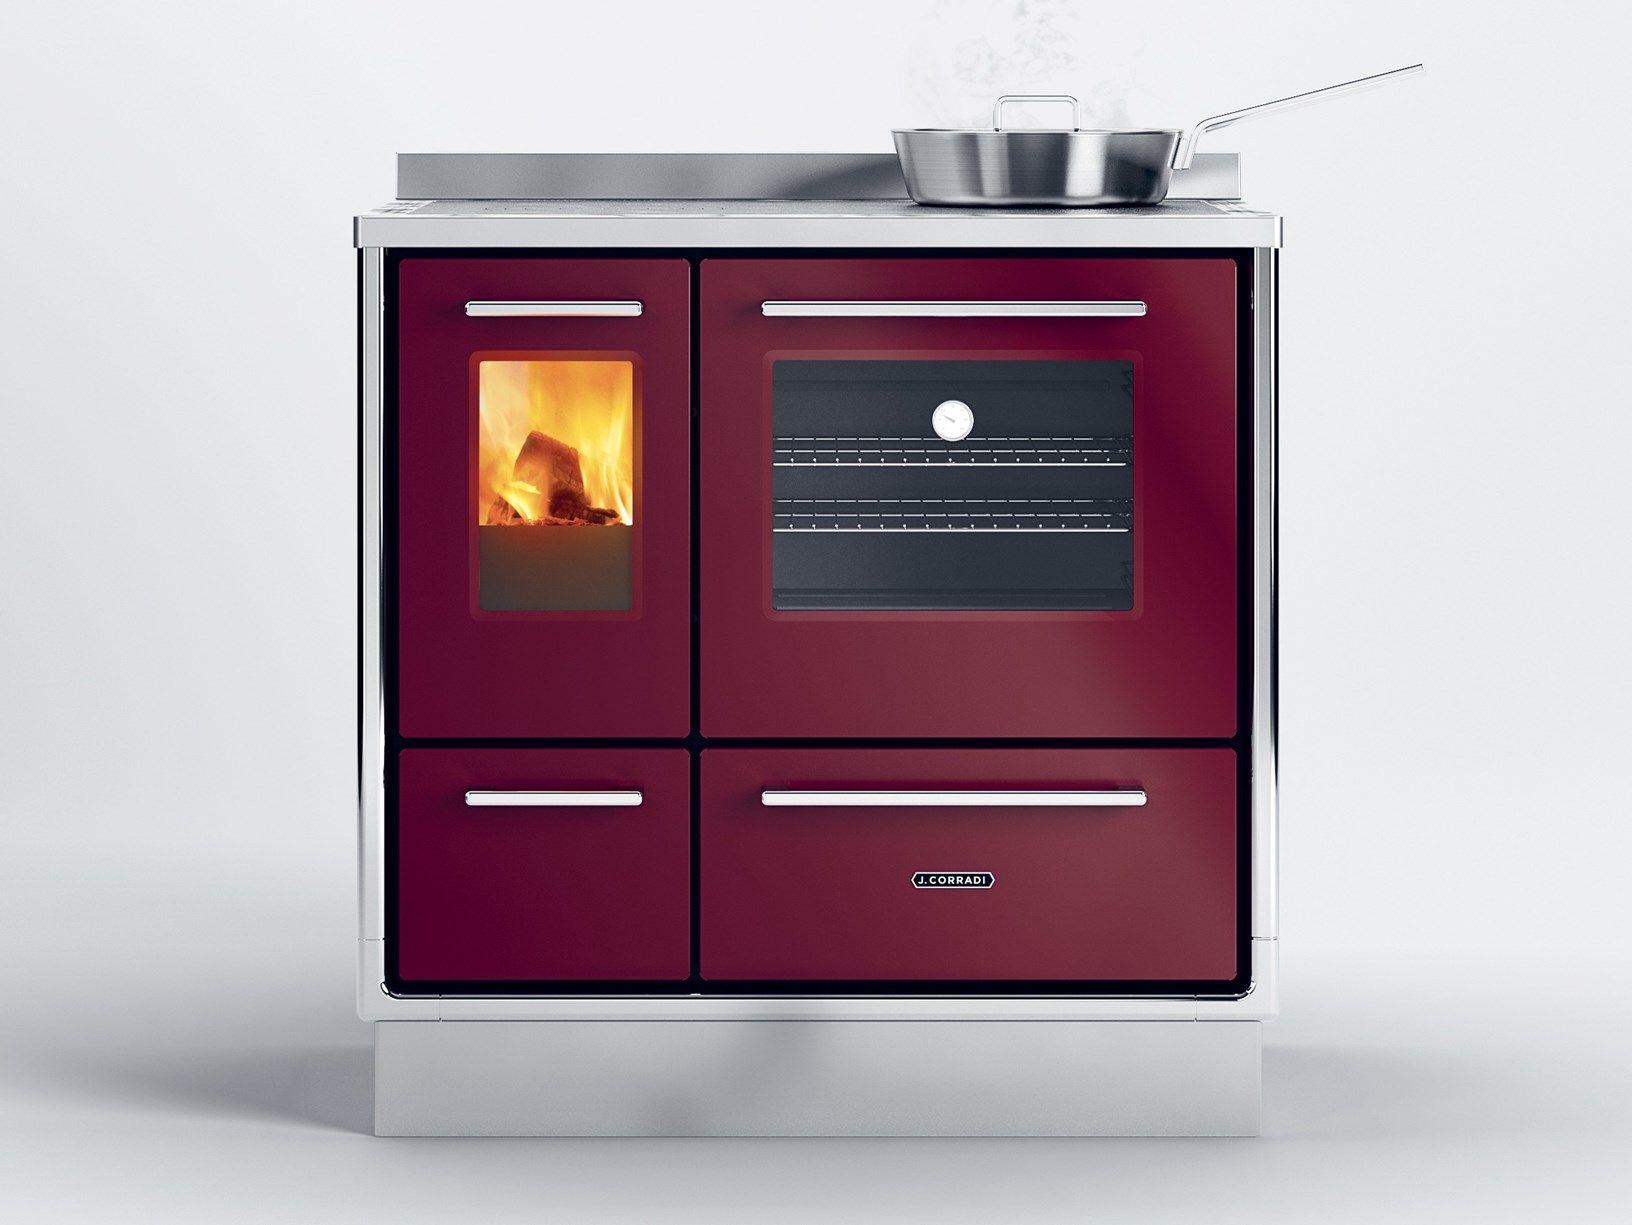 Moderna cucinare e riscaldare - Cucine corradi rivenditori ...